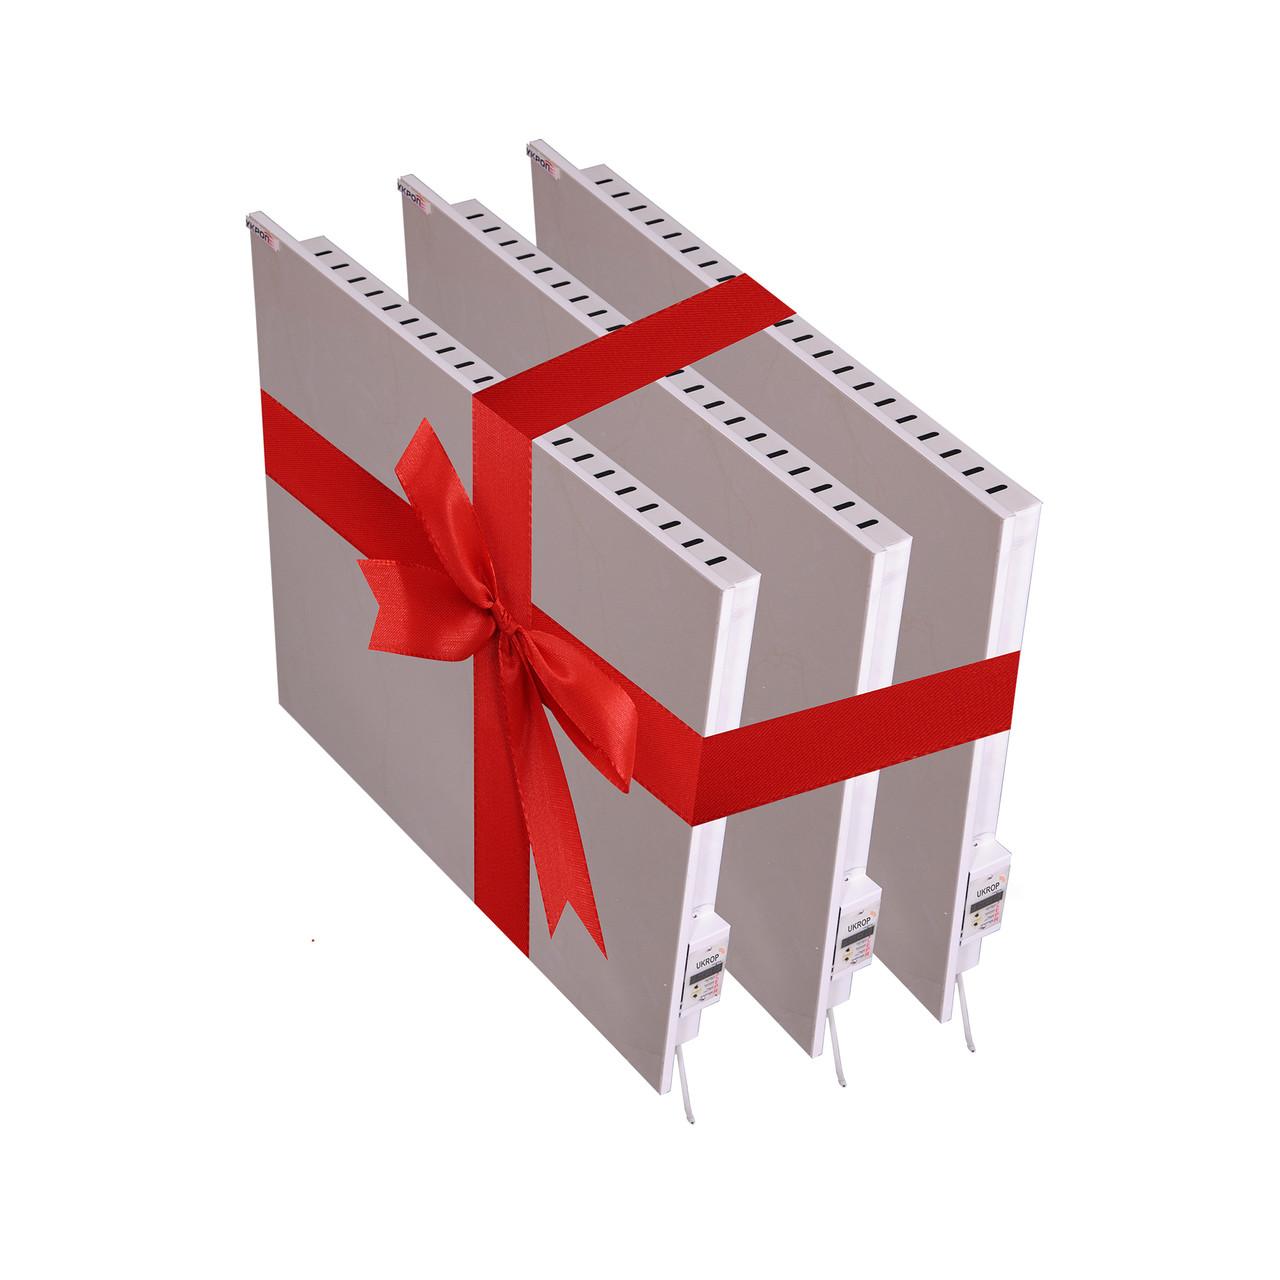 Промо-набор для дилеров. Керамический обогреватель UKROP БИО-К 750ВТ с цифровым терморегулятором